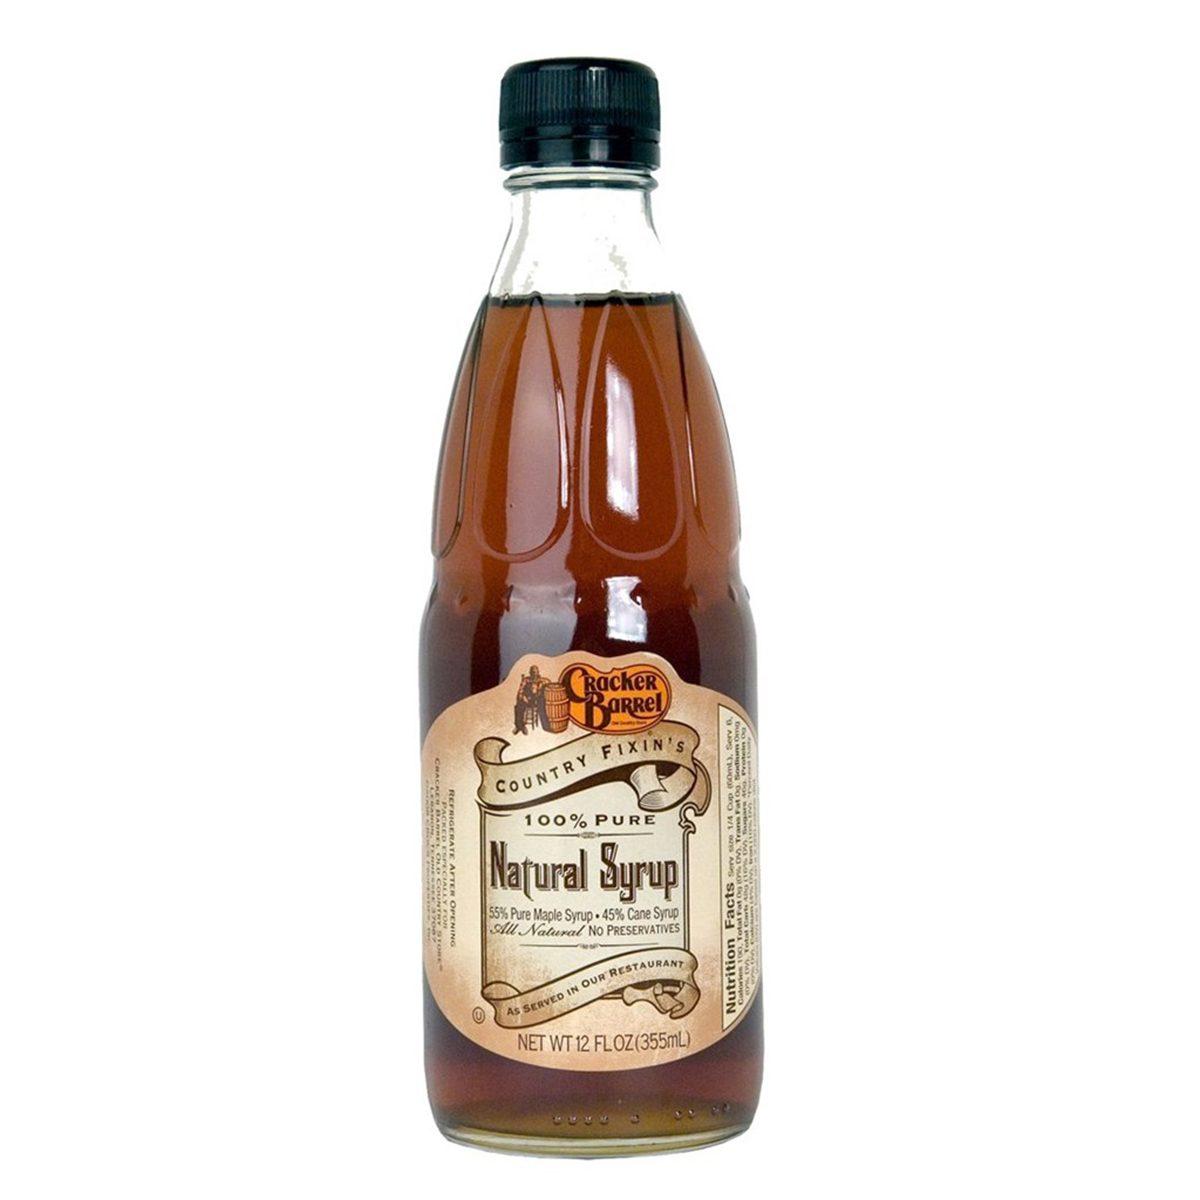 Pure Natural Pancake Syrup